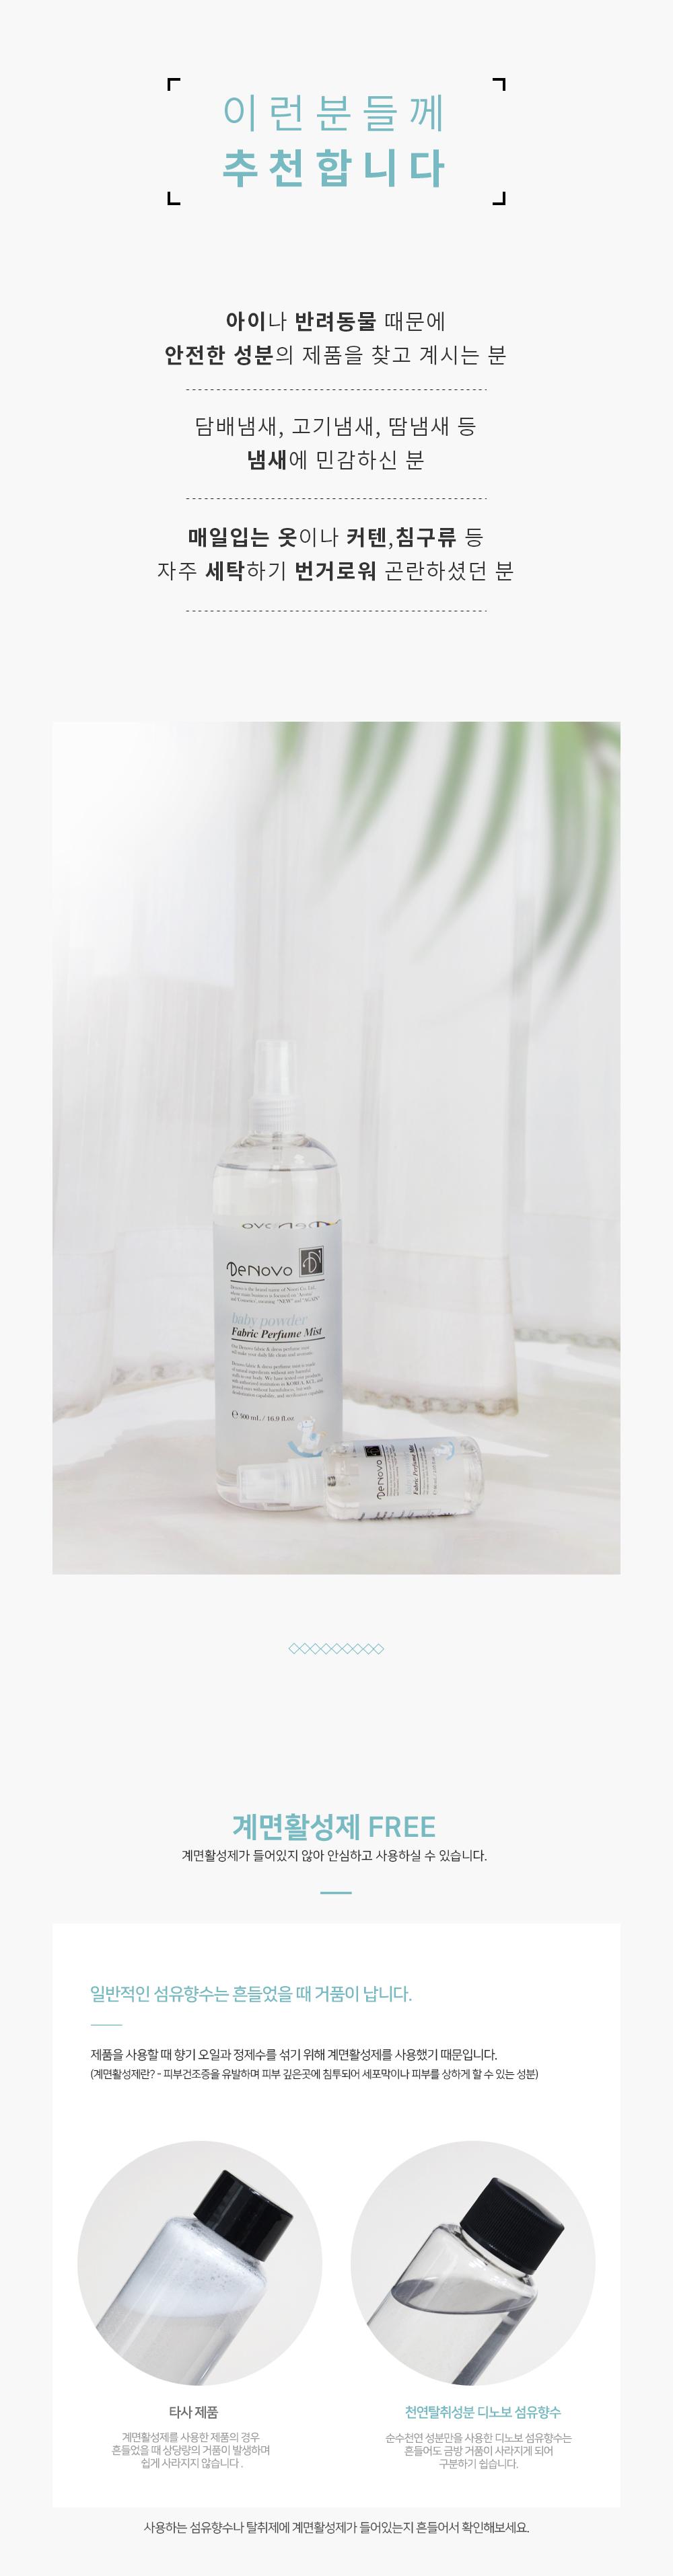 천연 섬유탈취제 500ml (5종) - 디노보, 9,500원, 세제&섬유유연제, 탈취제